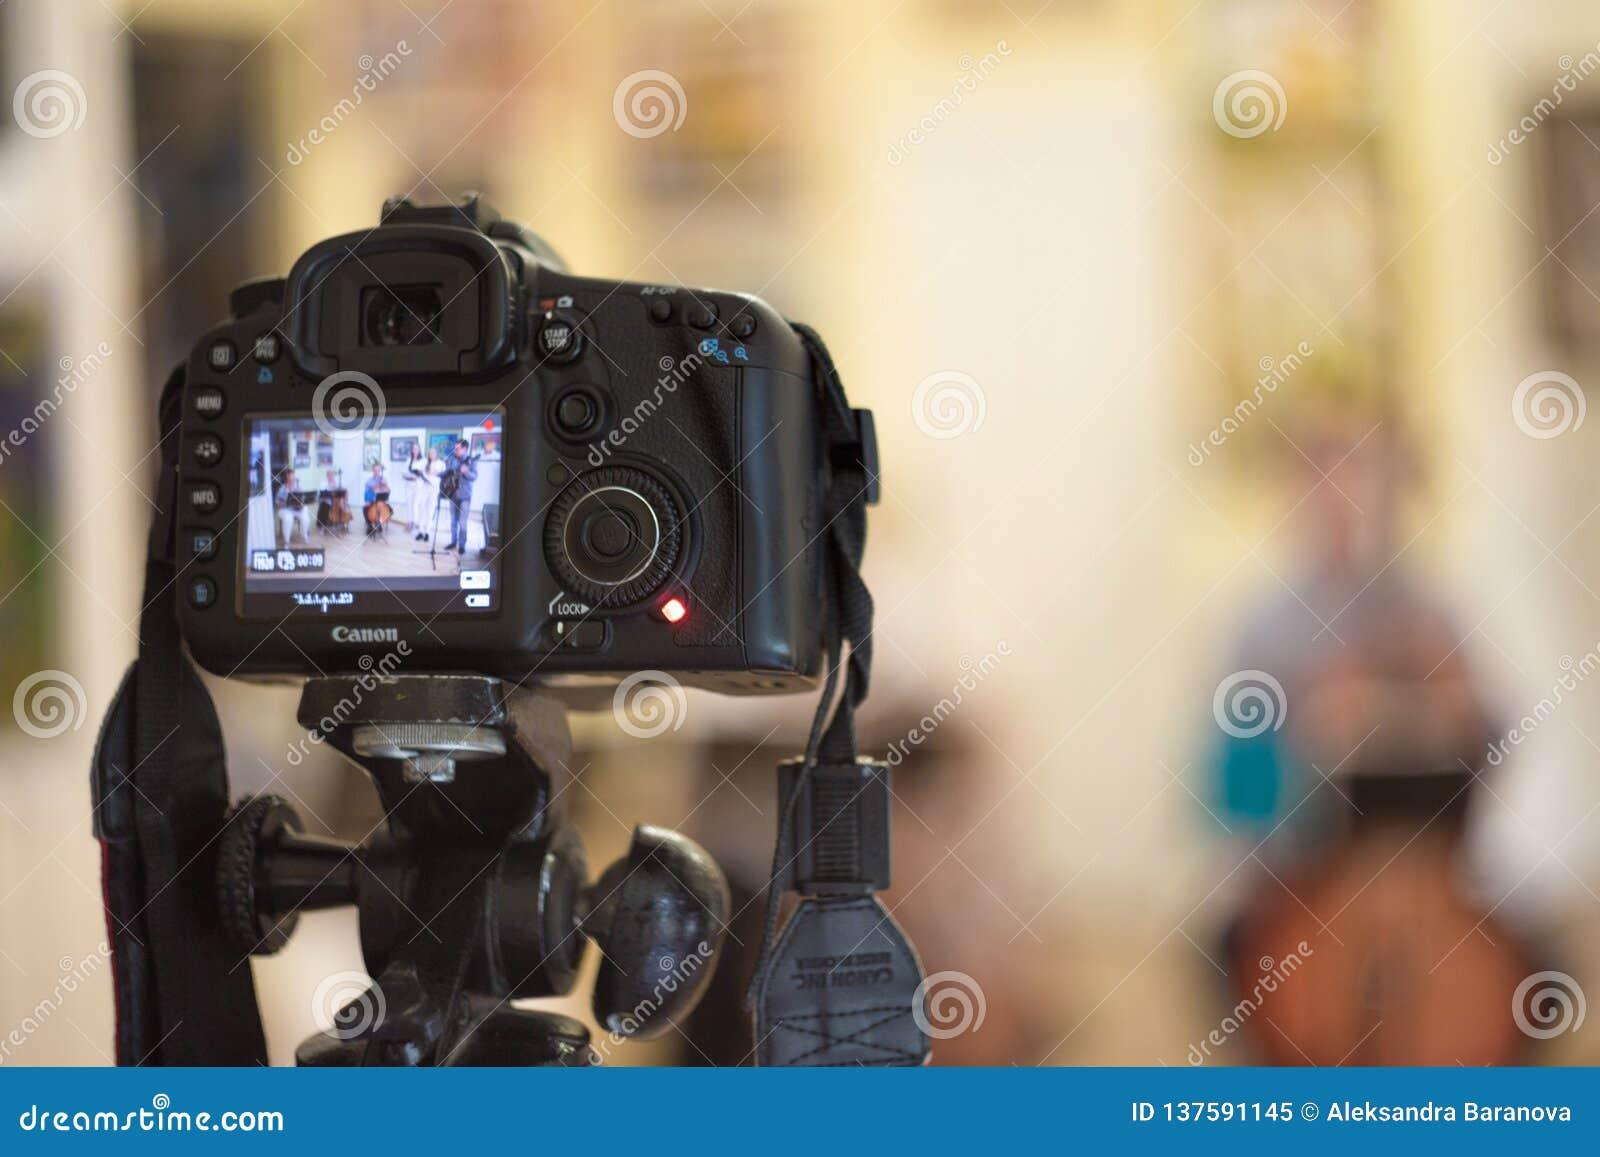 Fryazino, Russie - 05 22 2018 : La caméra de Canon sur un trépied enregistre le concert